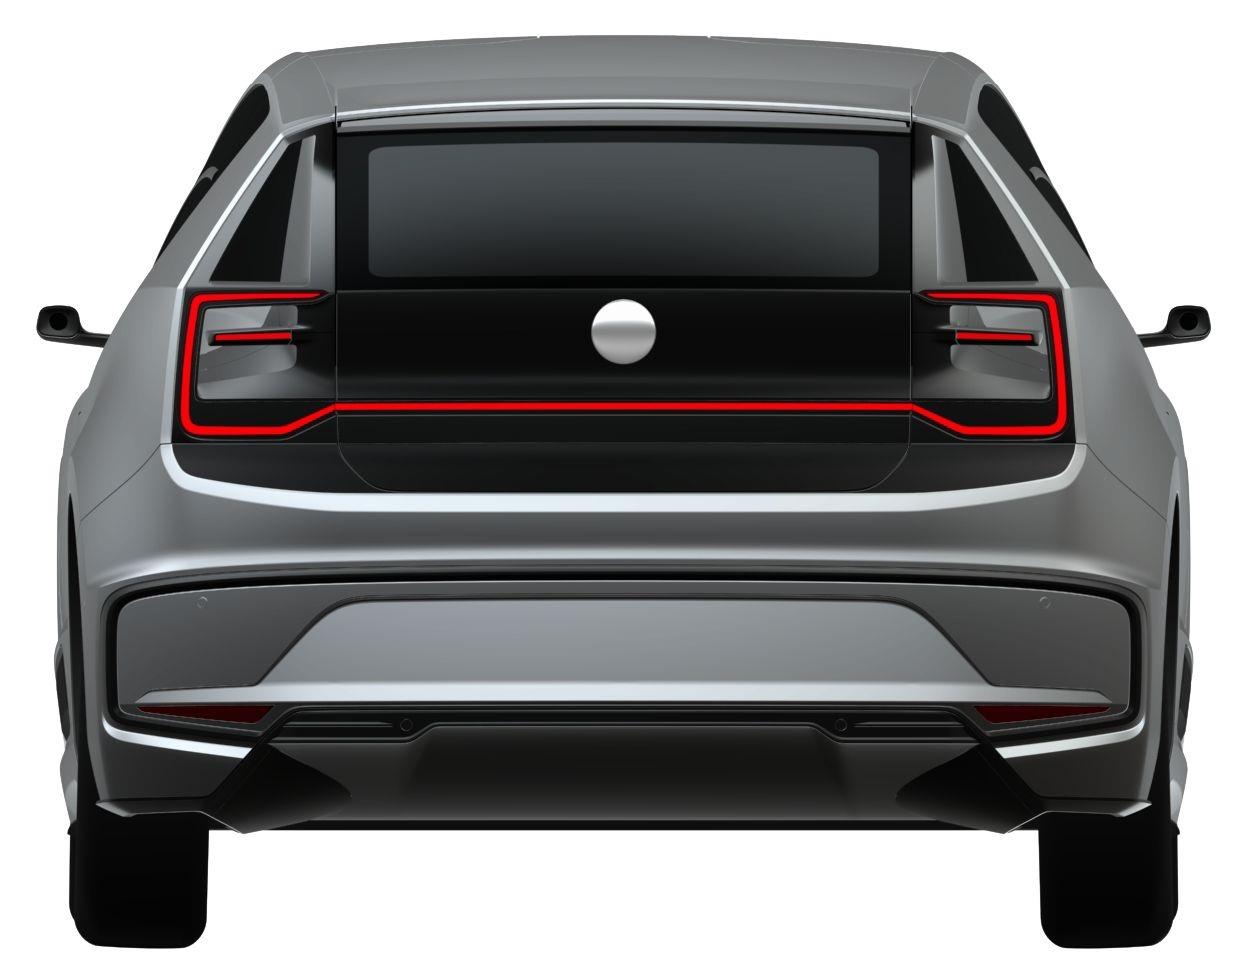 [Présentation] Le design par VW - Page 5 0201610056800601